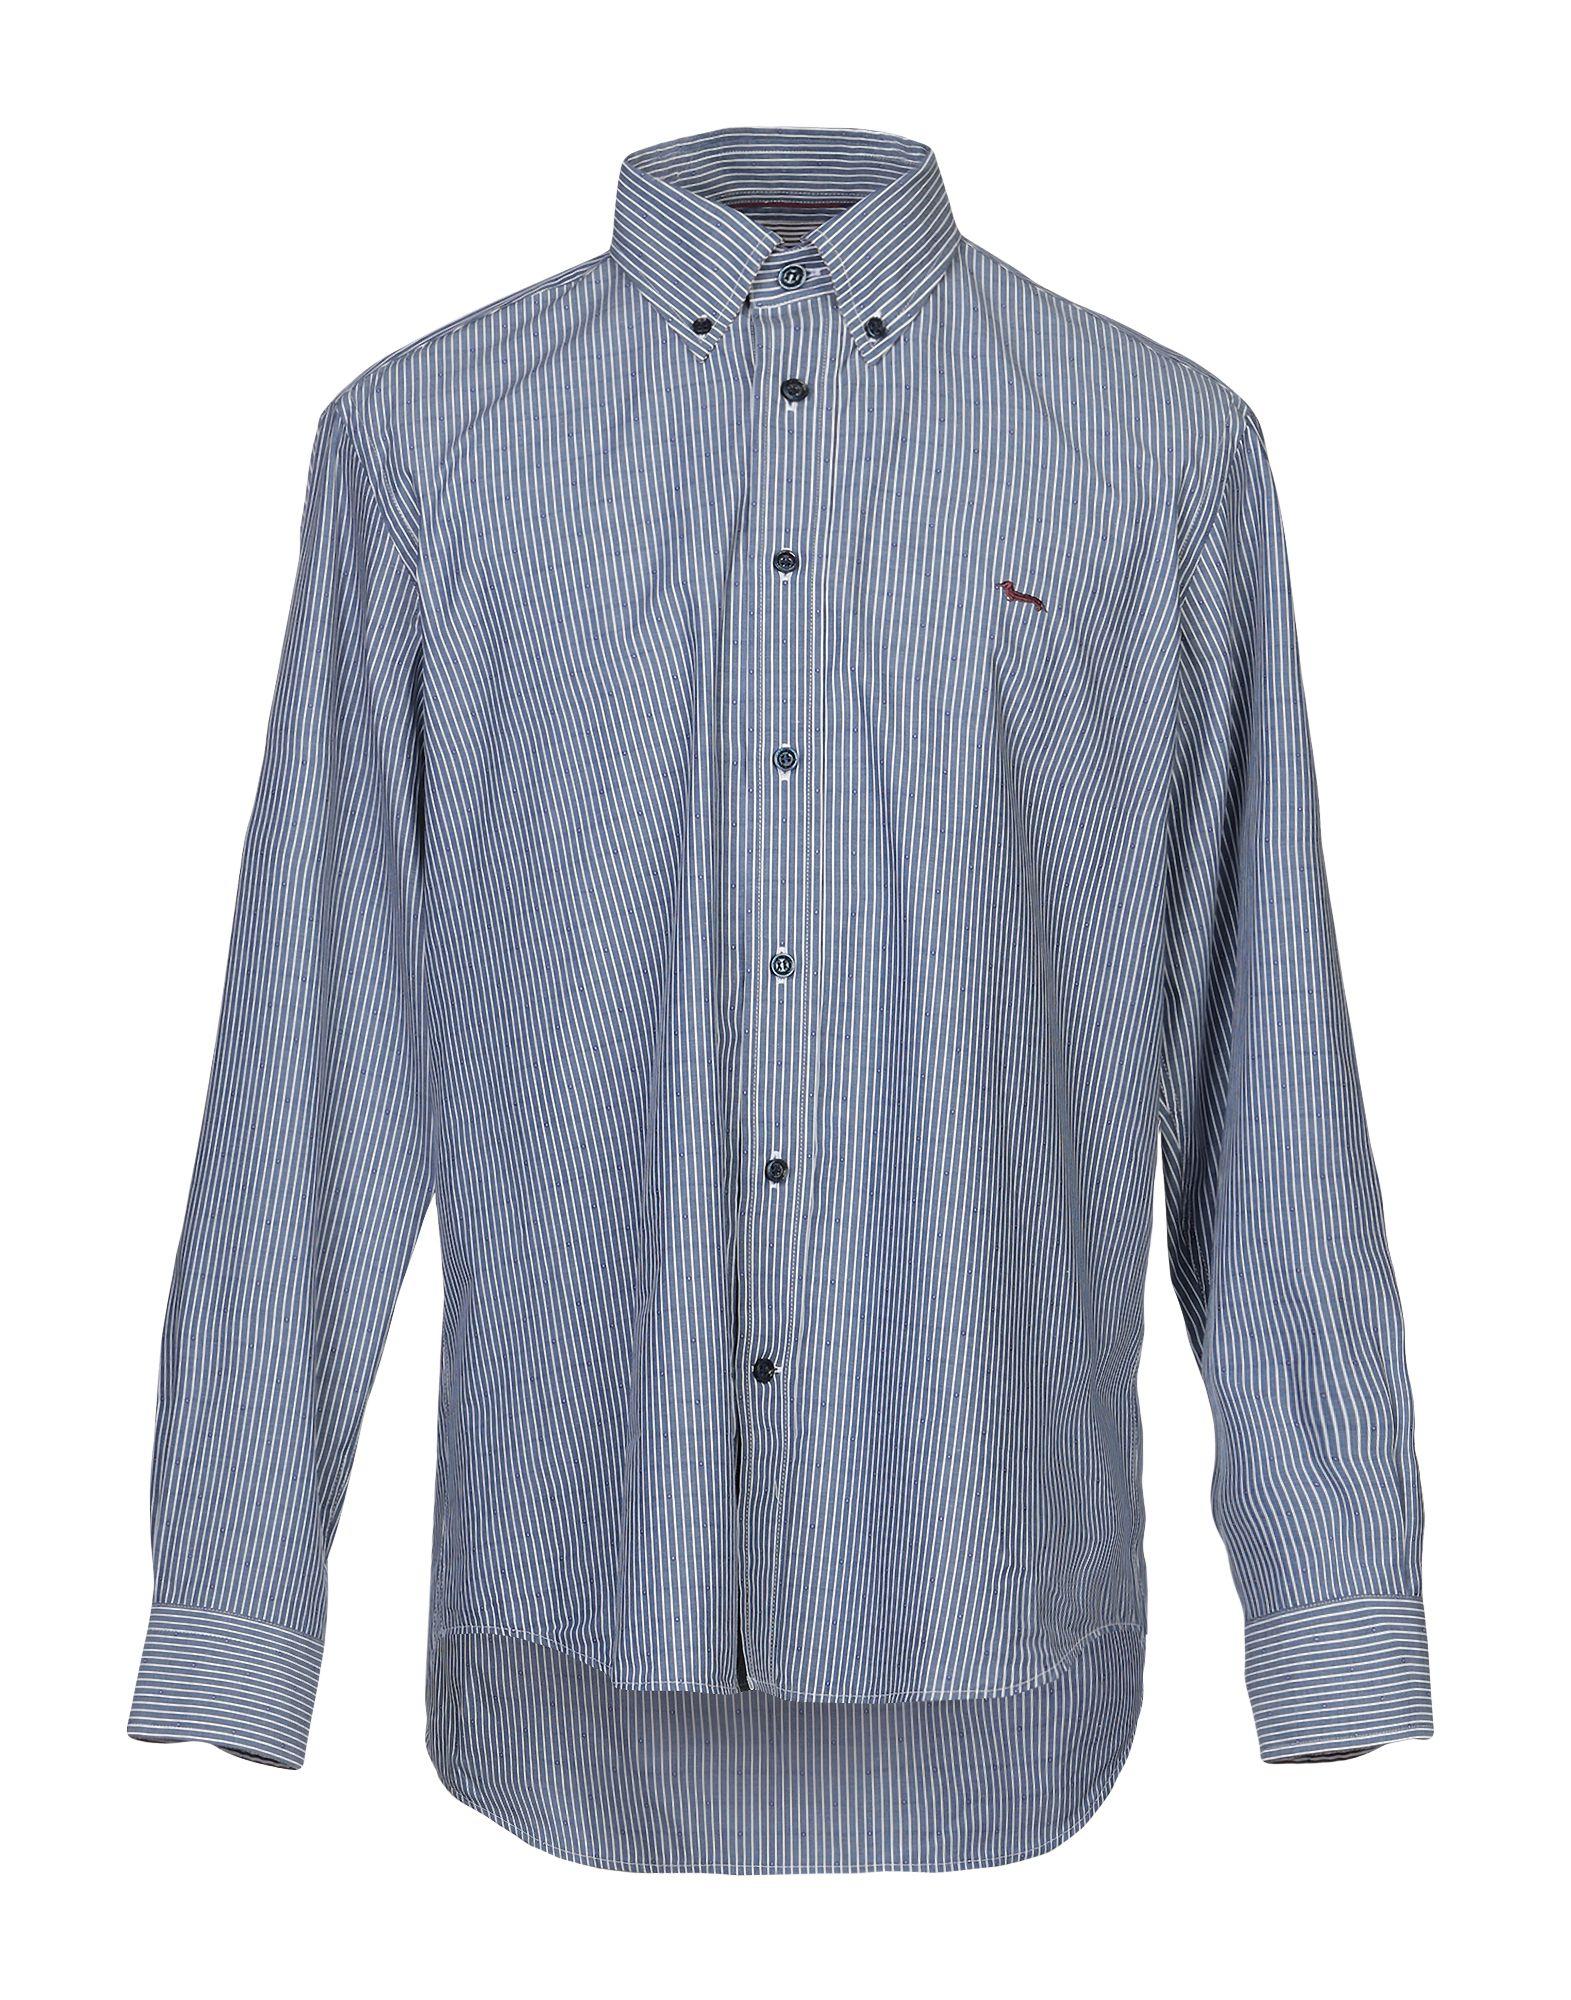 《送料無料》HARMONT & BLAINE メンズ シャツ ブルー XL コットン 100%